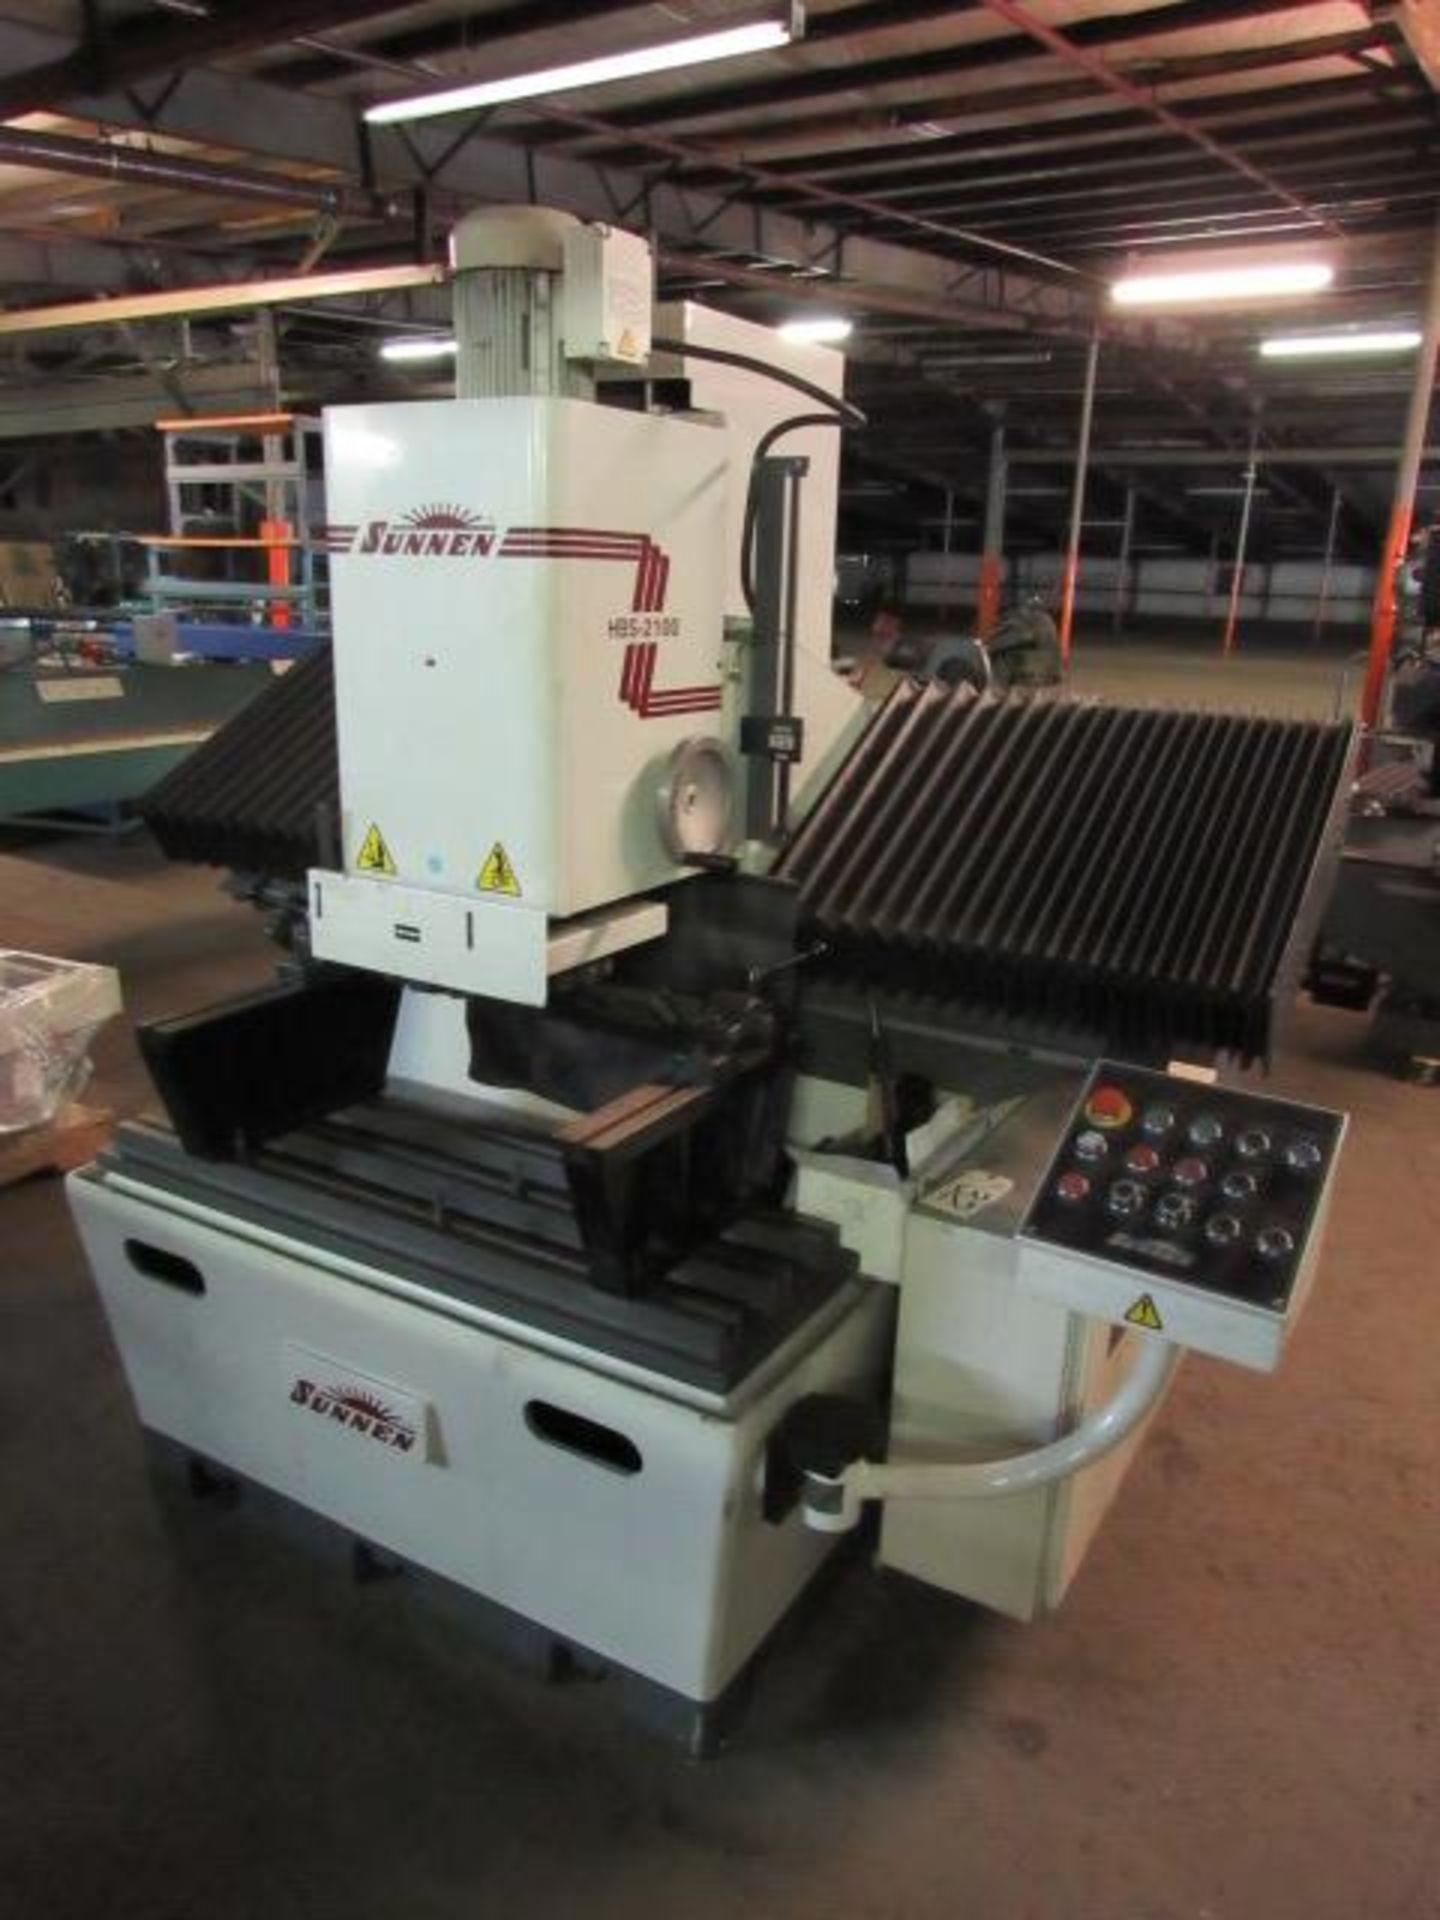 Lot 32 - Sunnen Model HBS 2100-D Head & Block Resurfacing Machine